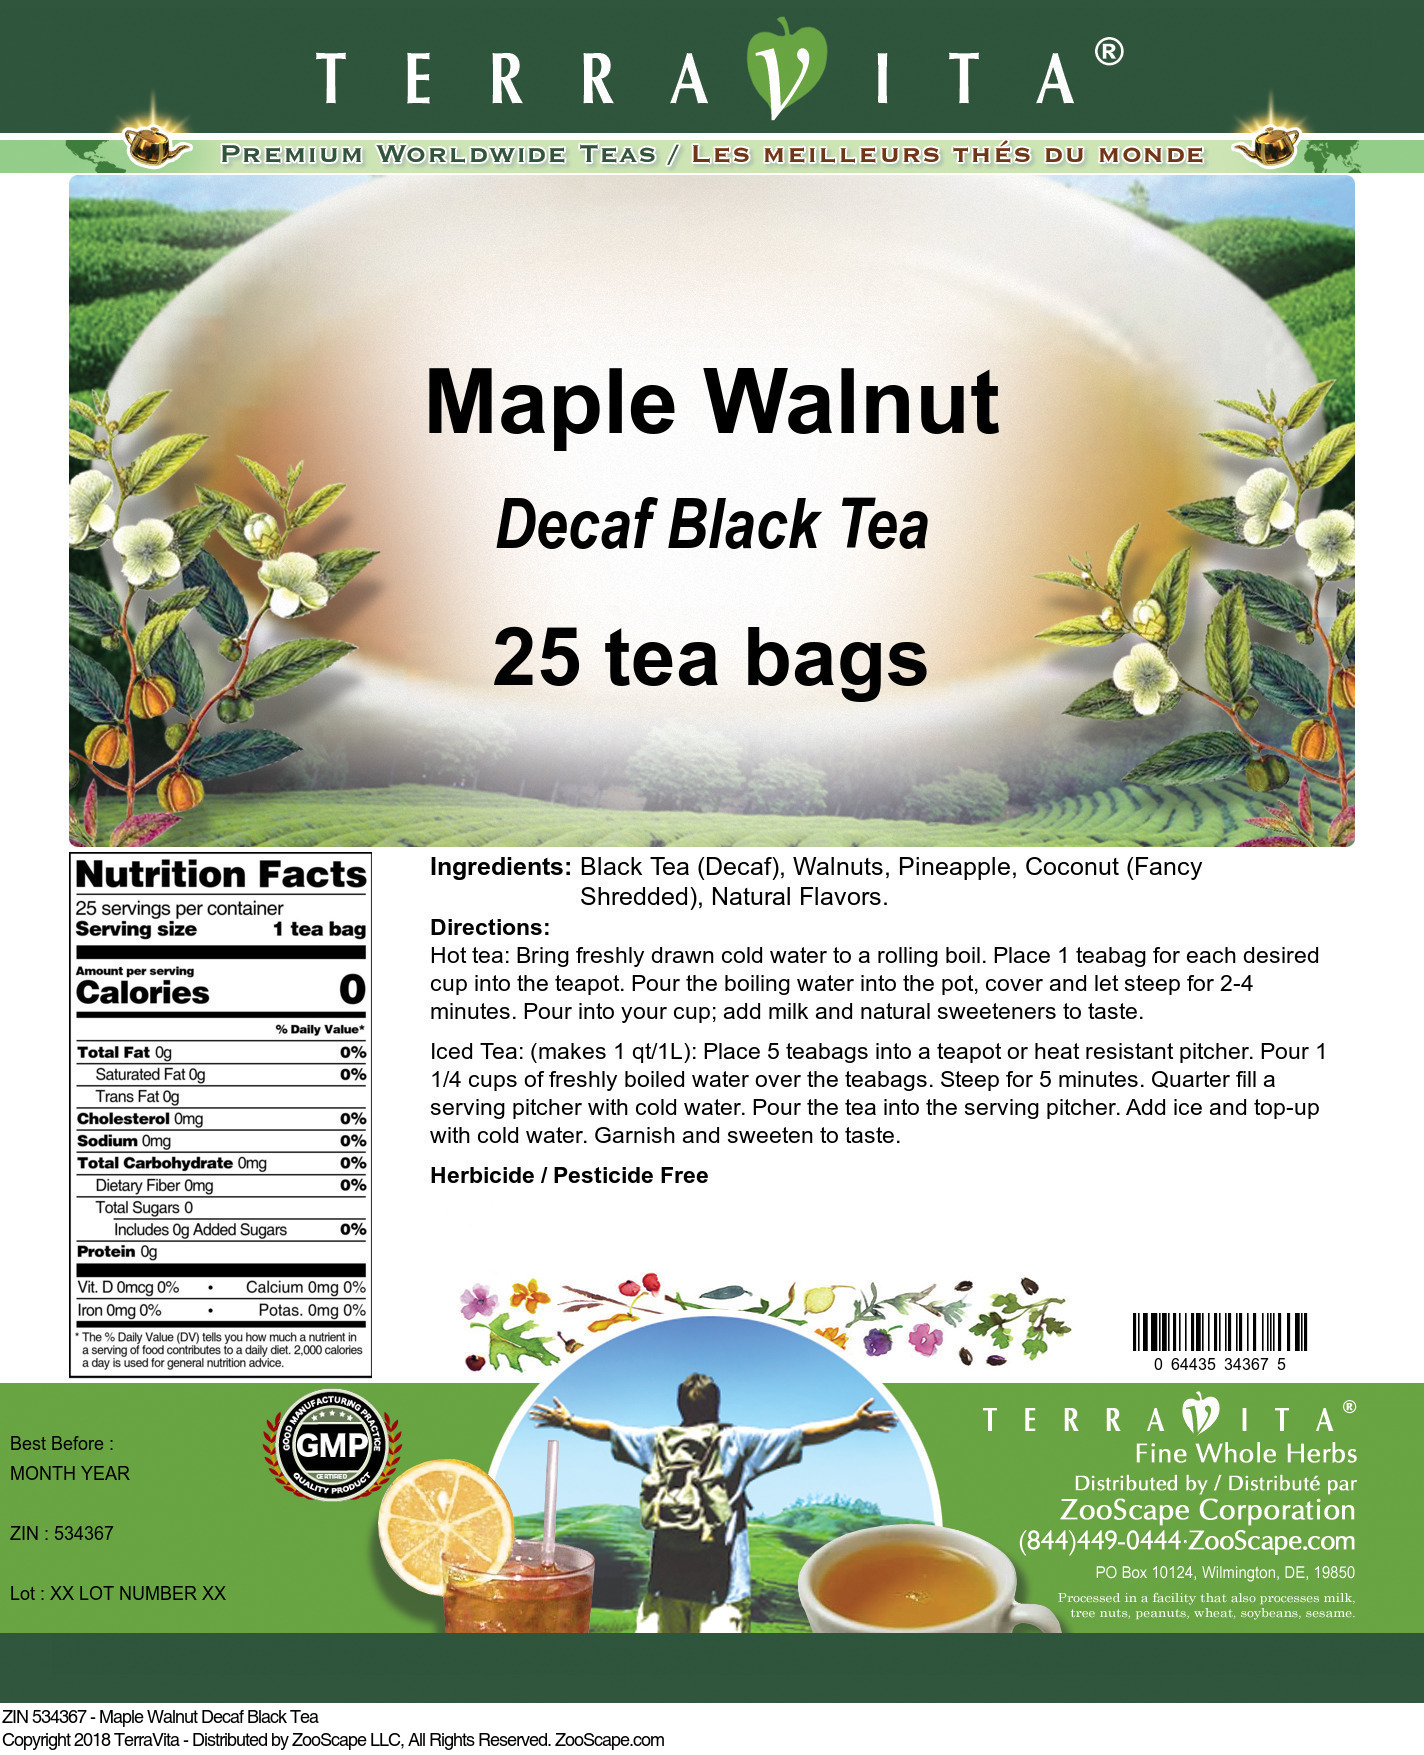 Maple Walnut Decaf Black Tea